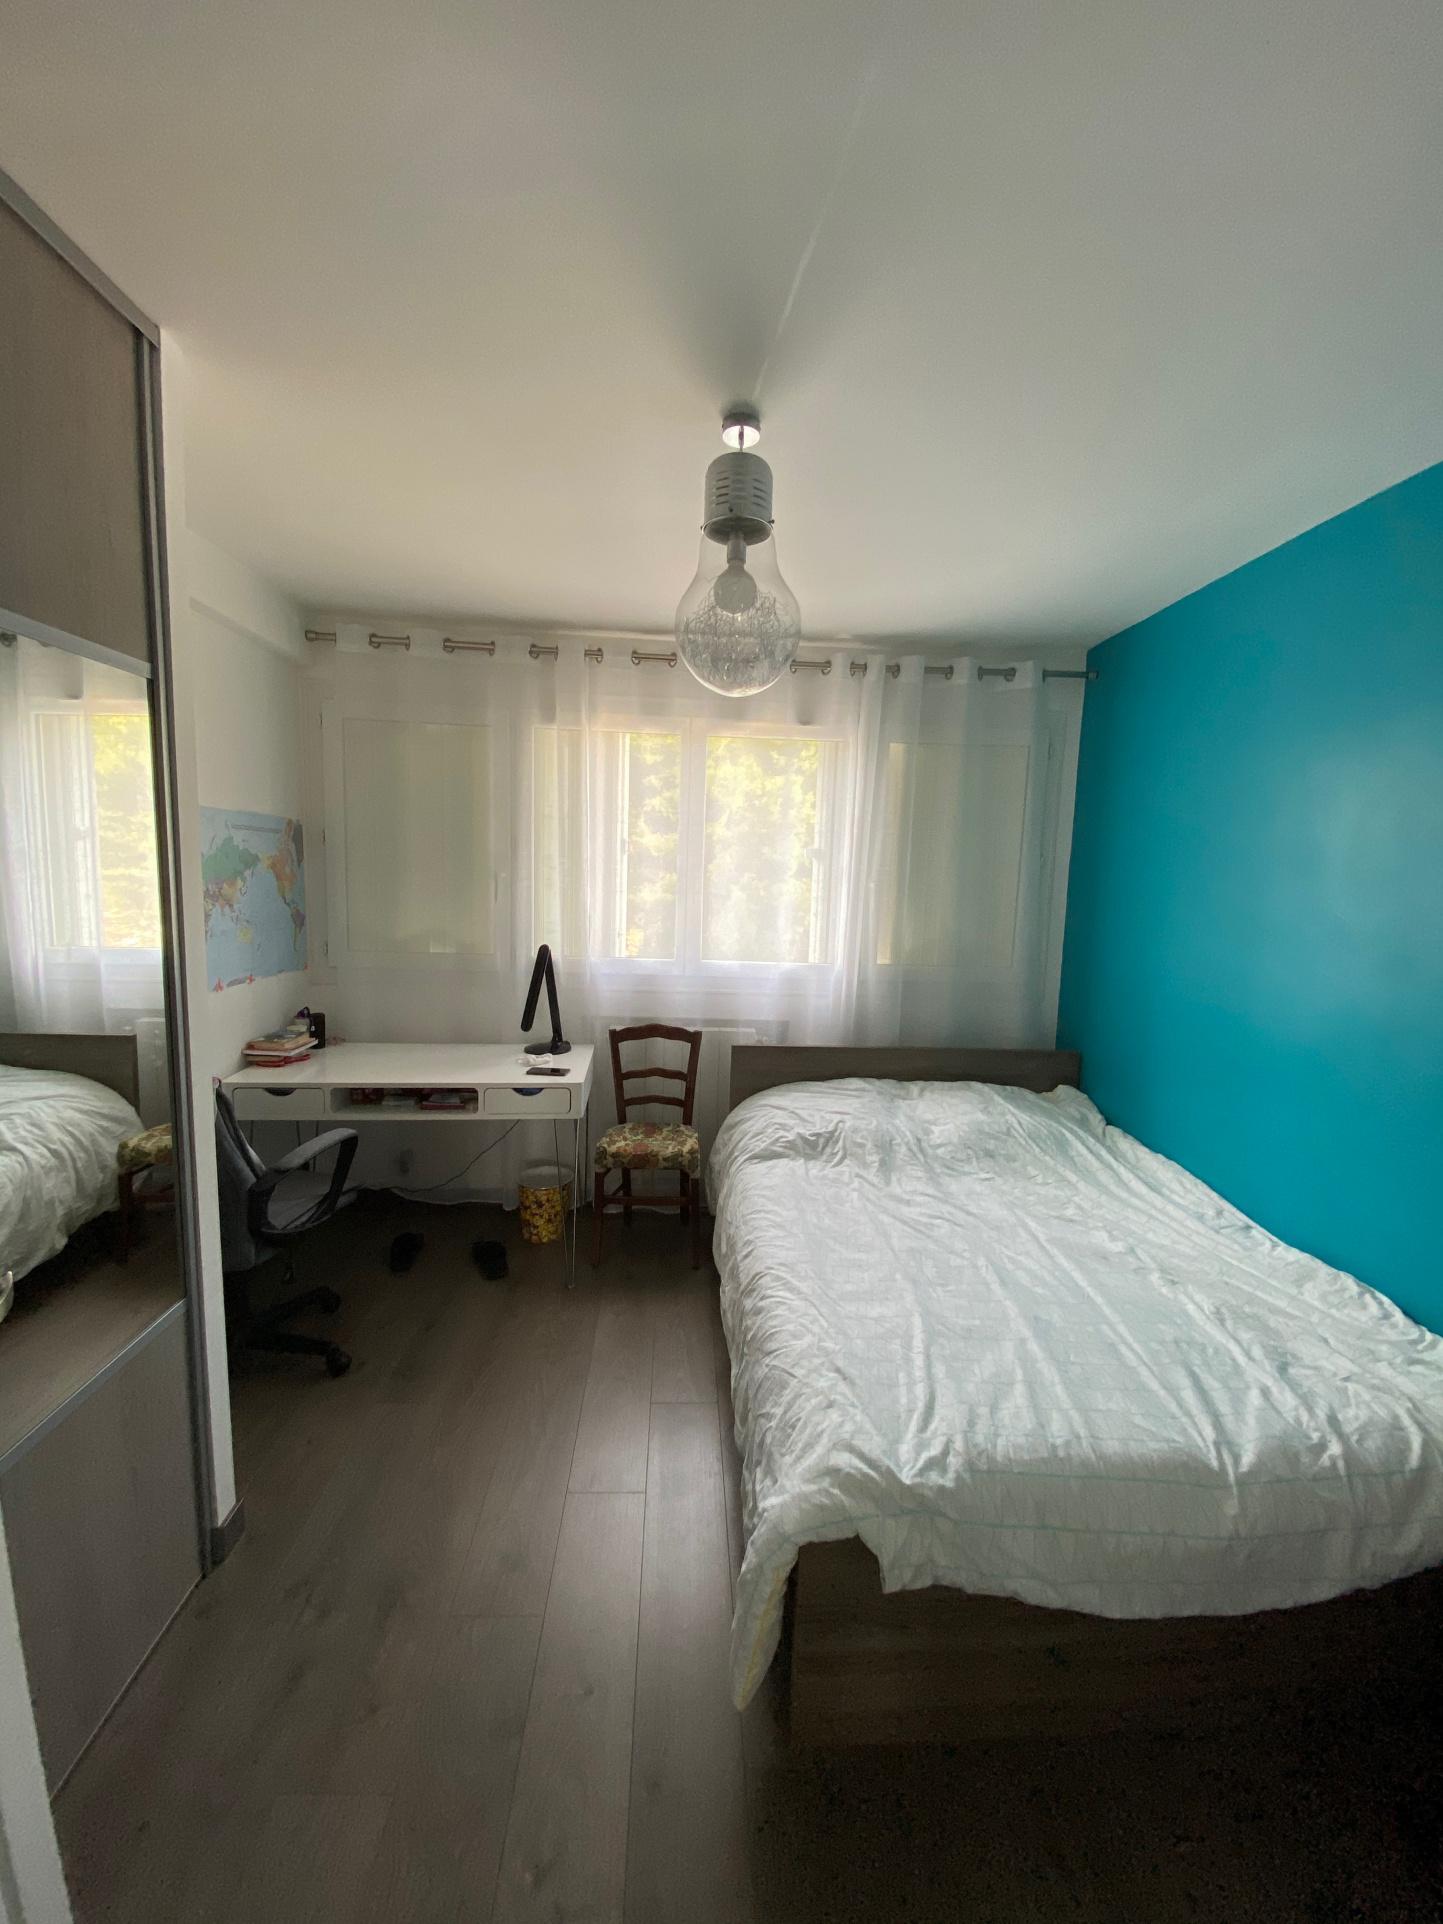 Appartement T4 avec vue mer  refait à neuf  Marseille 15ème résidence parc Kalliste